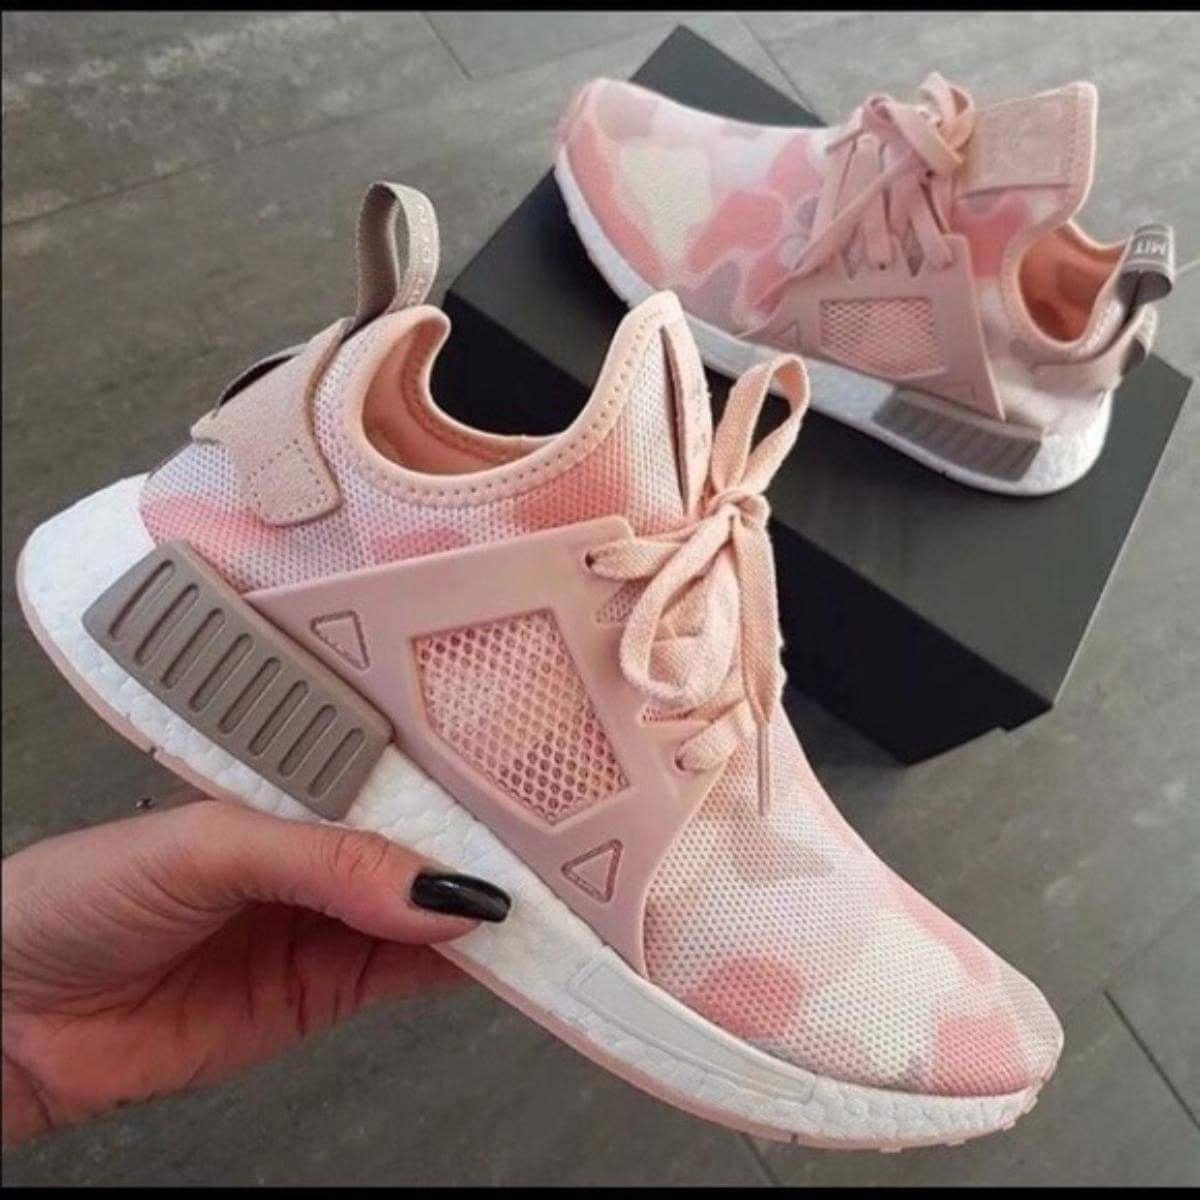 ... sale adidas nmd camuflado rosa. carregando zoom. d4b01 a91ce ... 362964bbd25a9